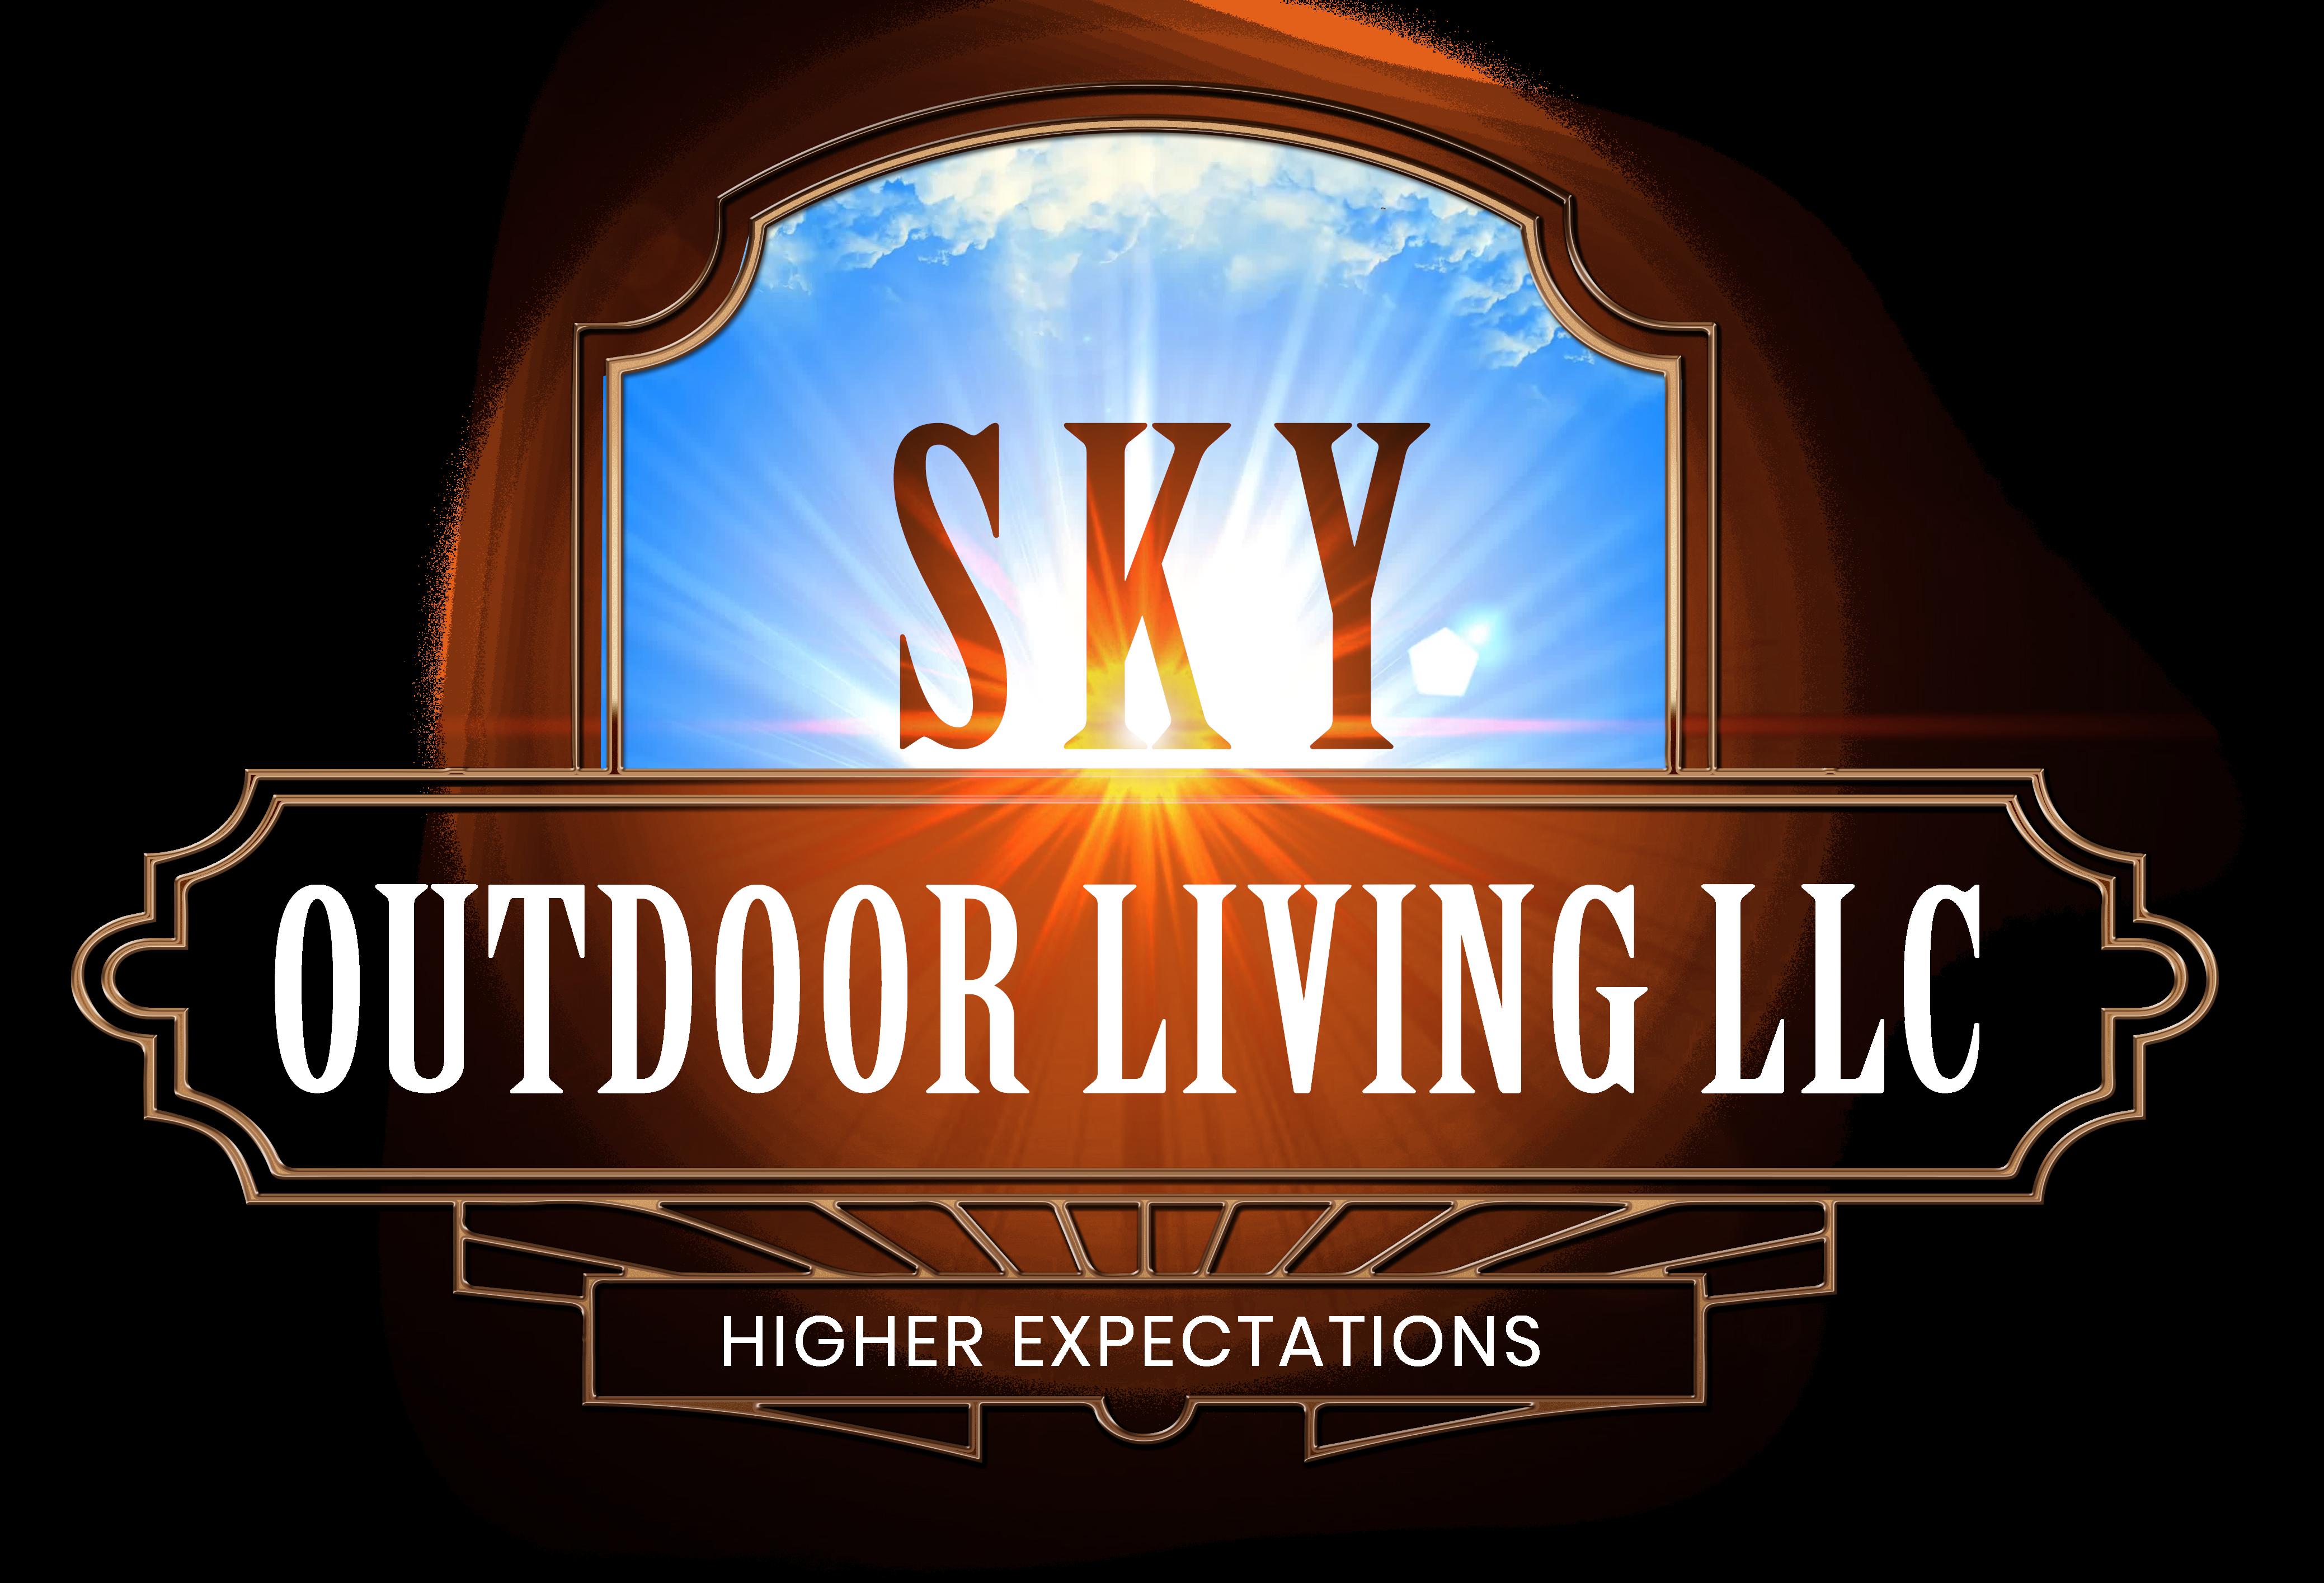 Sky Outdoor Living